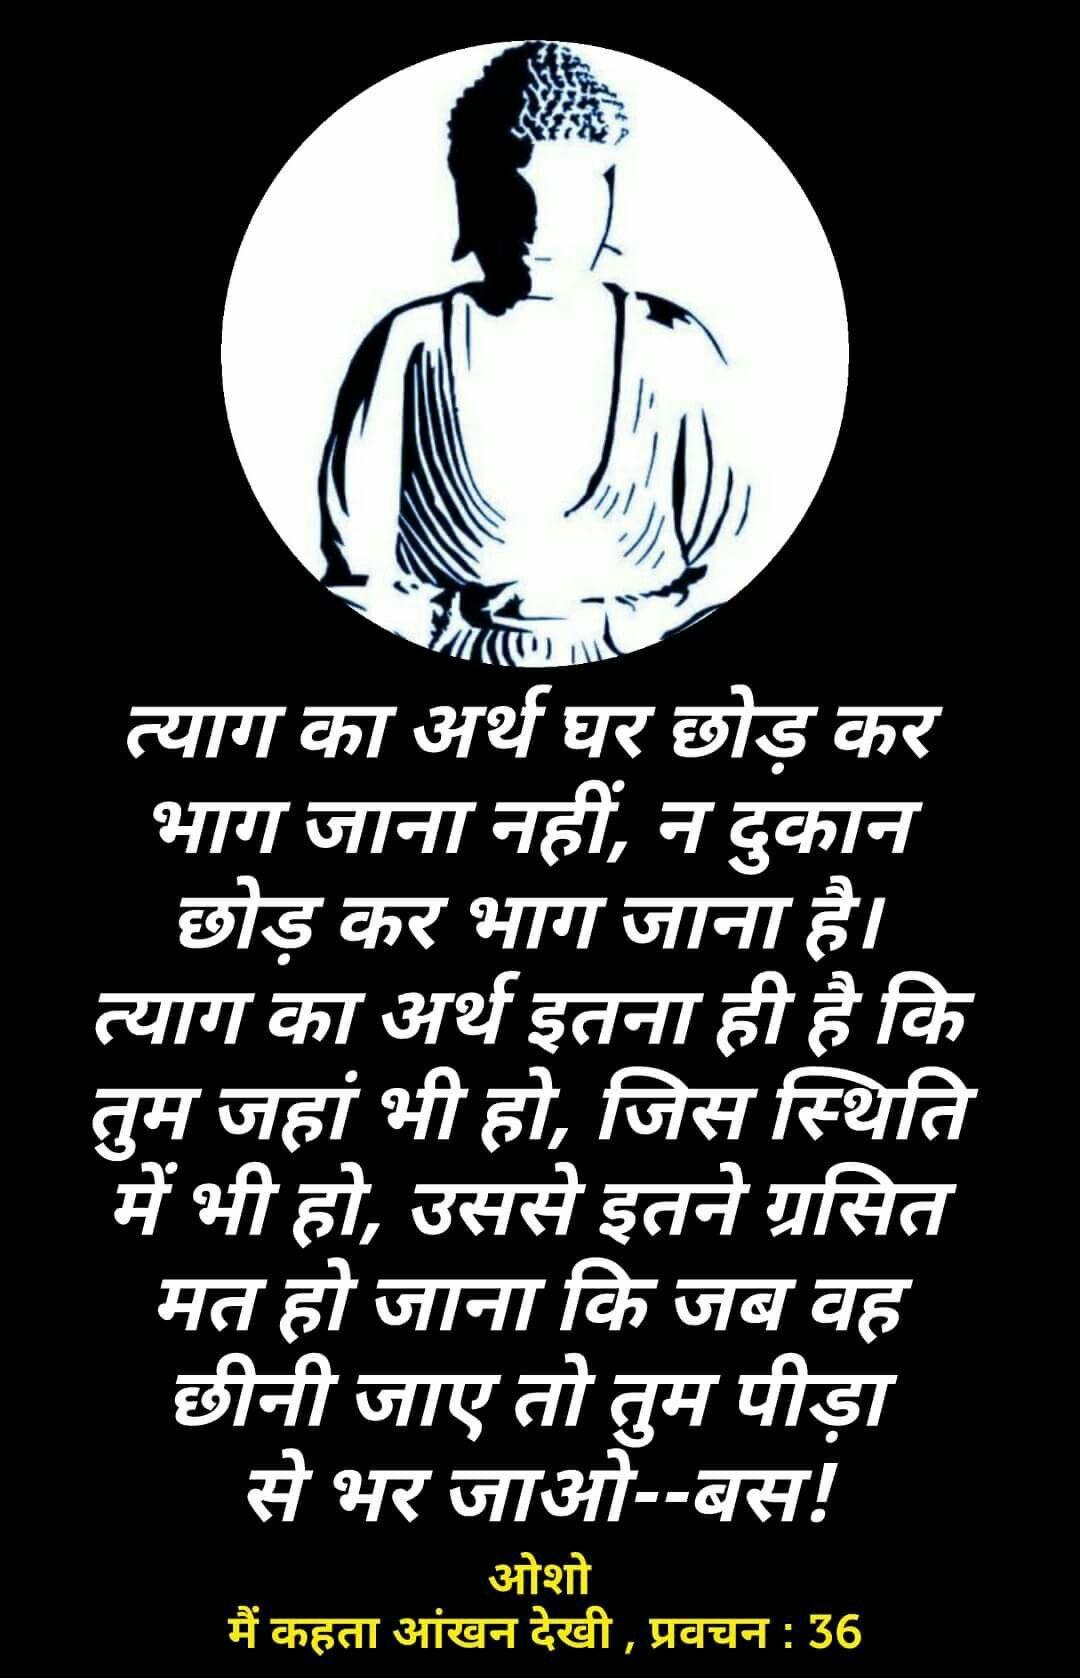 Beautifulakash Lakhera Ji 7887044547 Kabrai Mahoba Uttar Pradesh